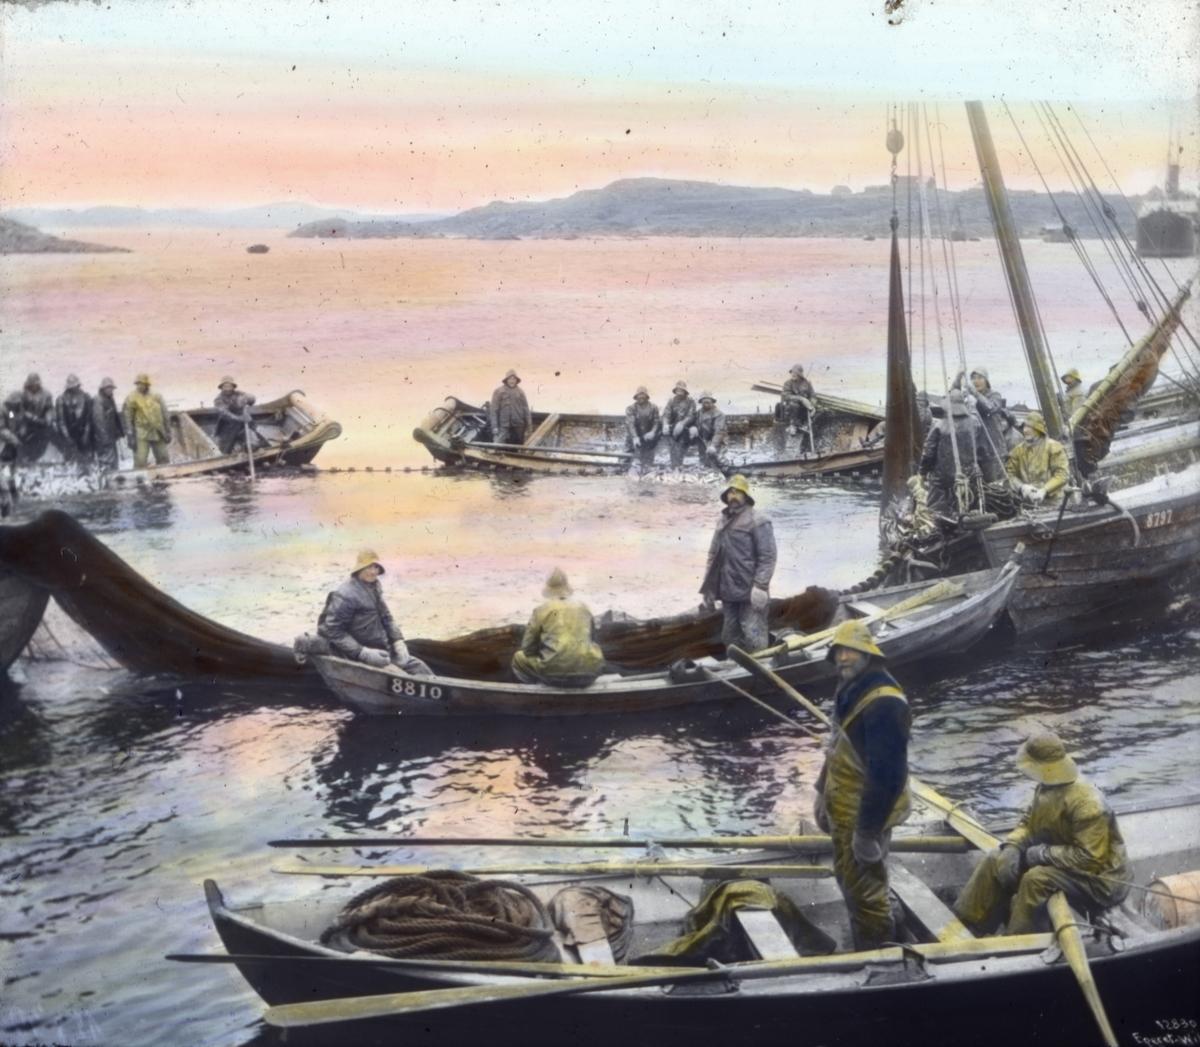 Håndkolorert dias. Flere robåter og en fiskeskøyte ligger omkranset en snurpenot.